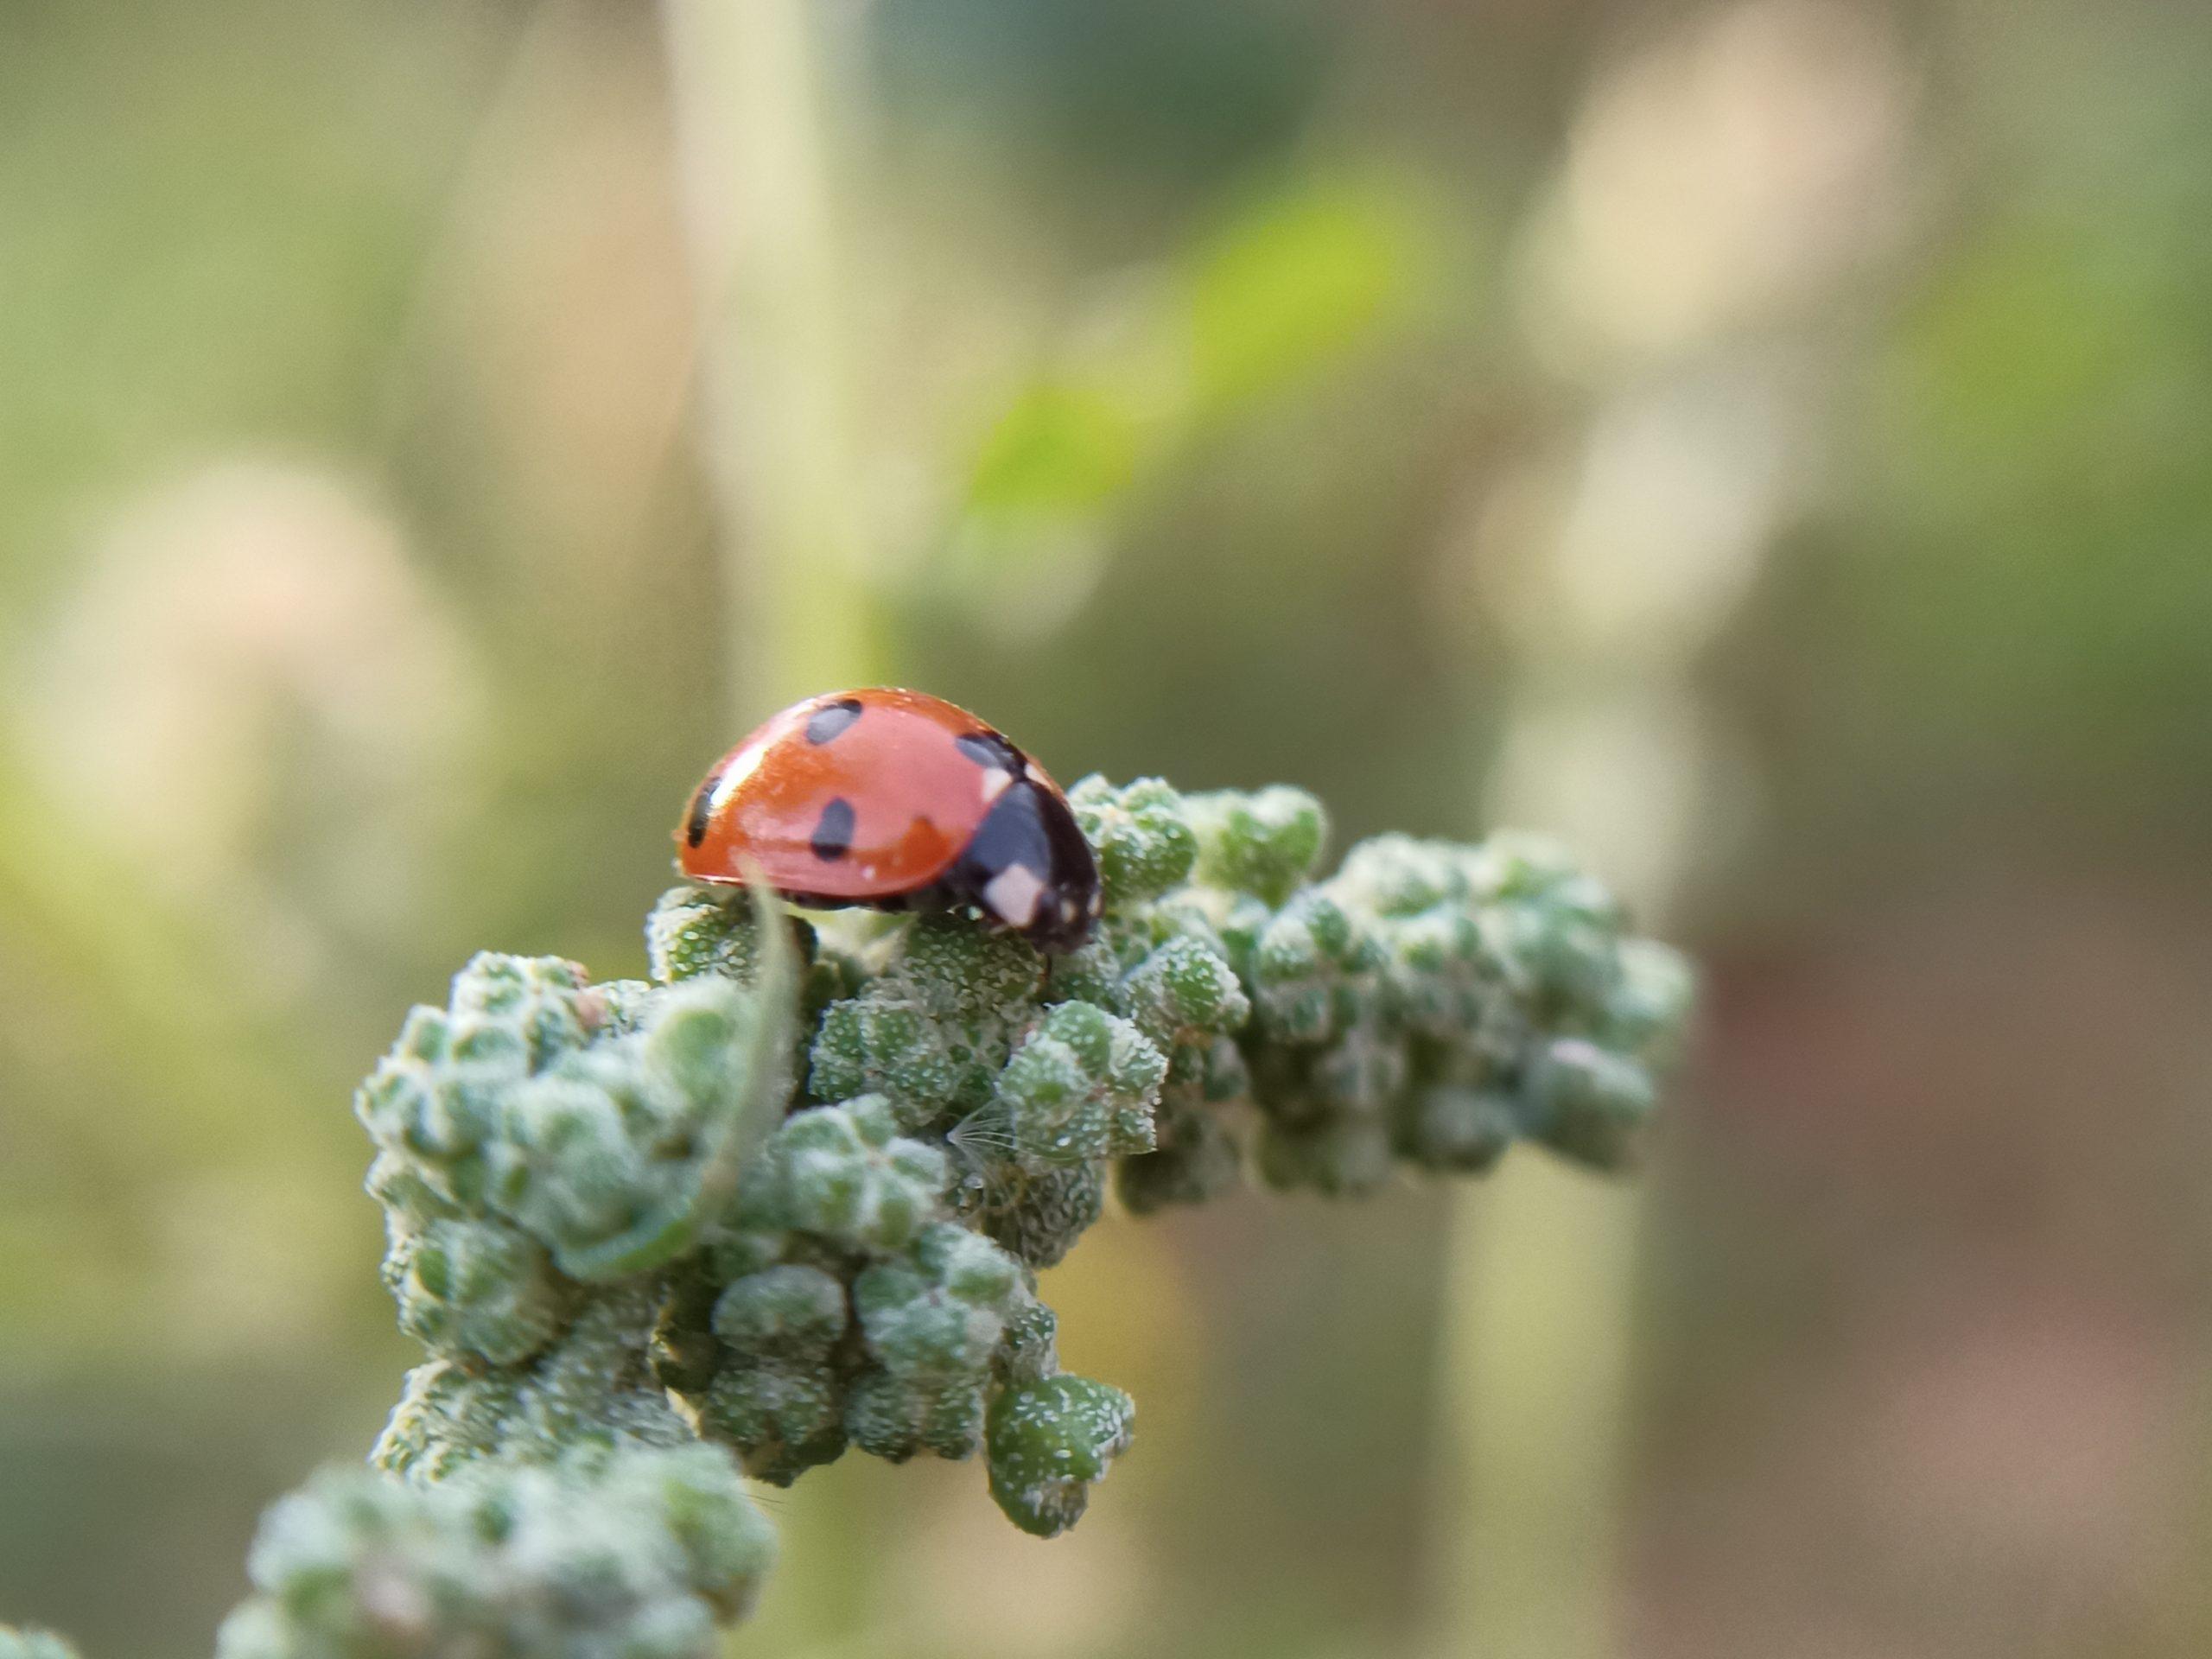 A ladybug on a plant